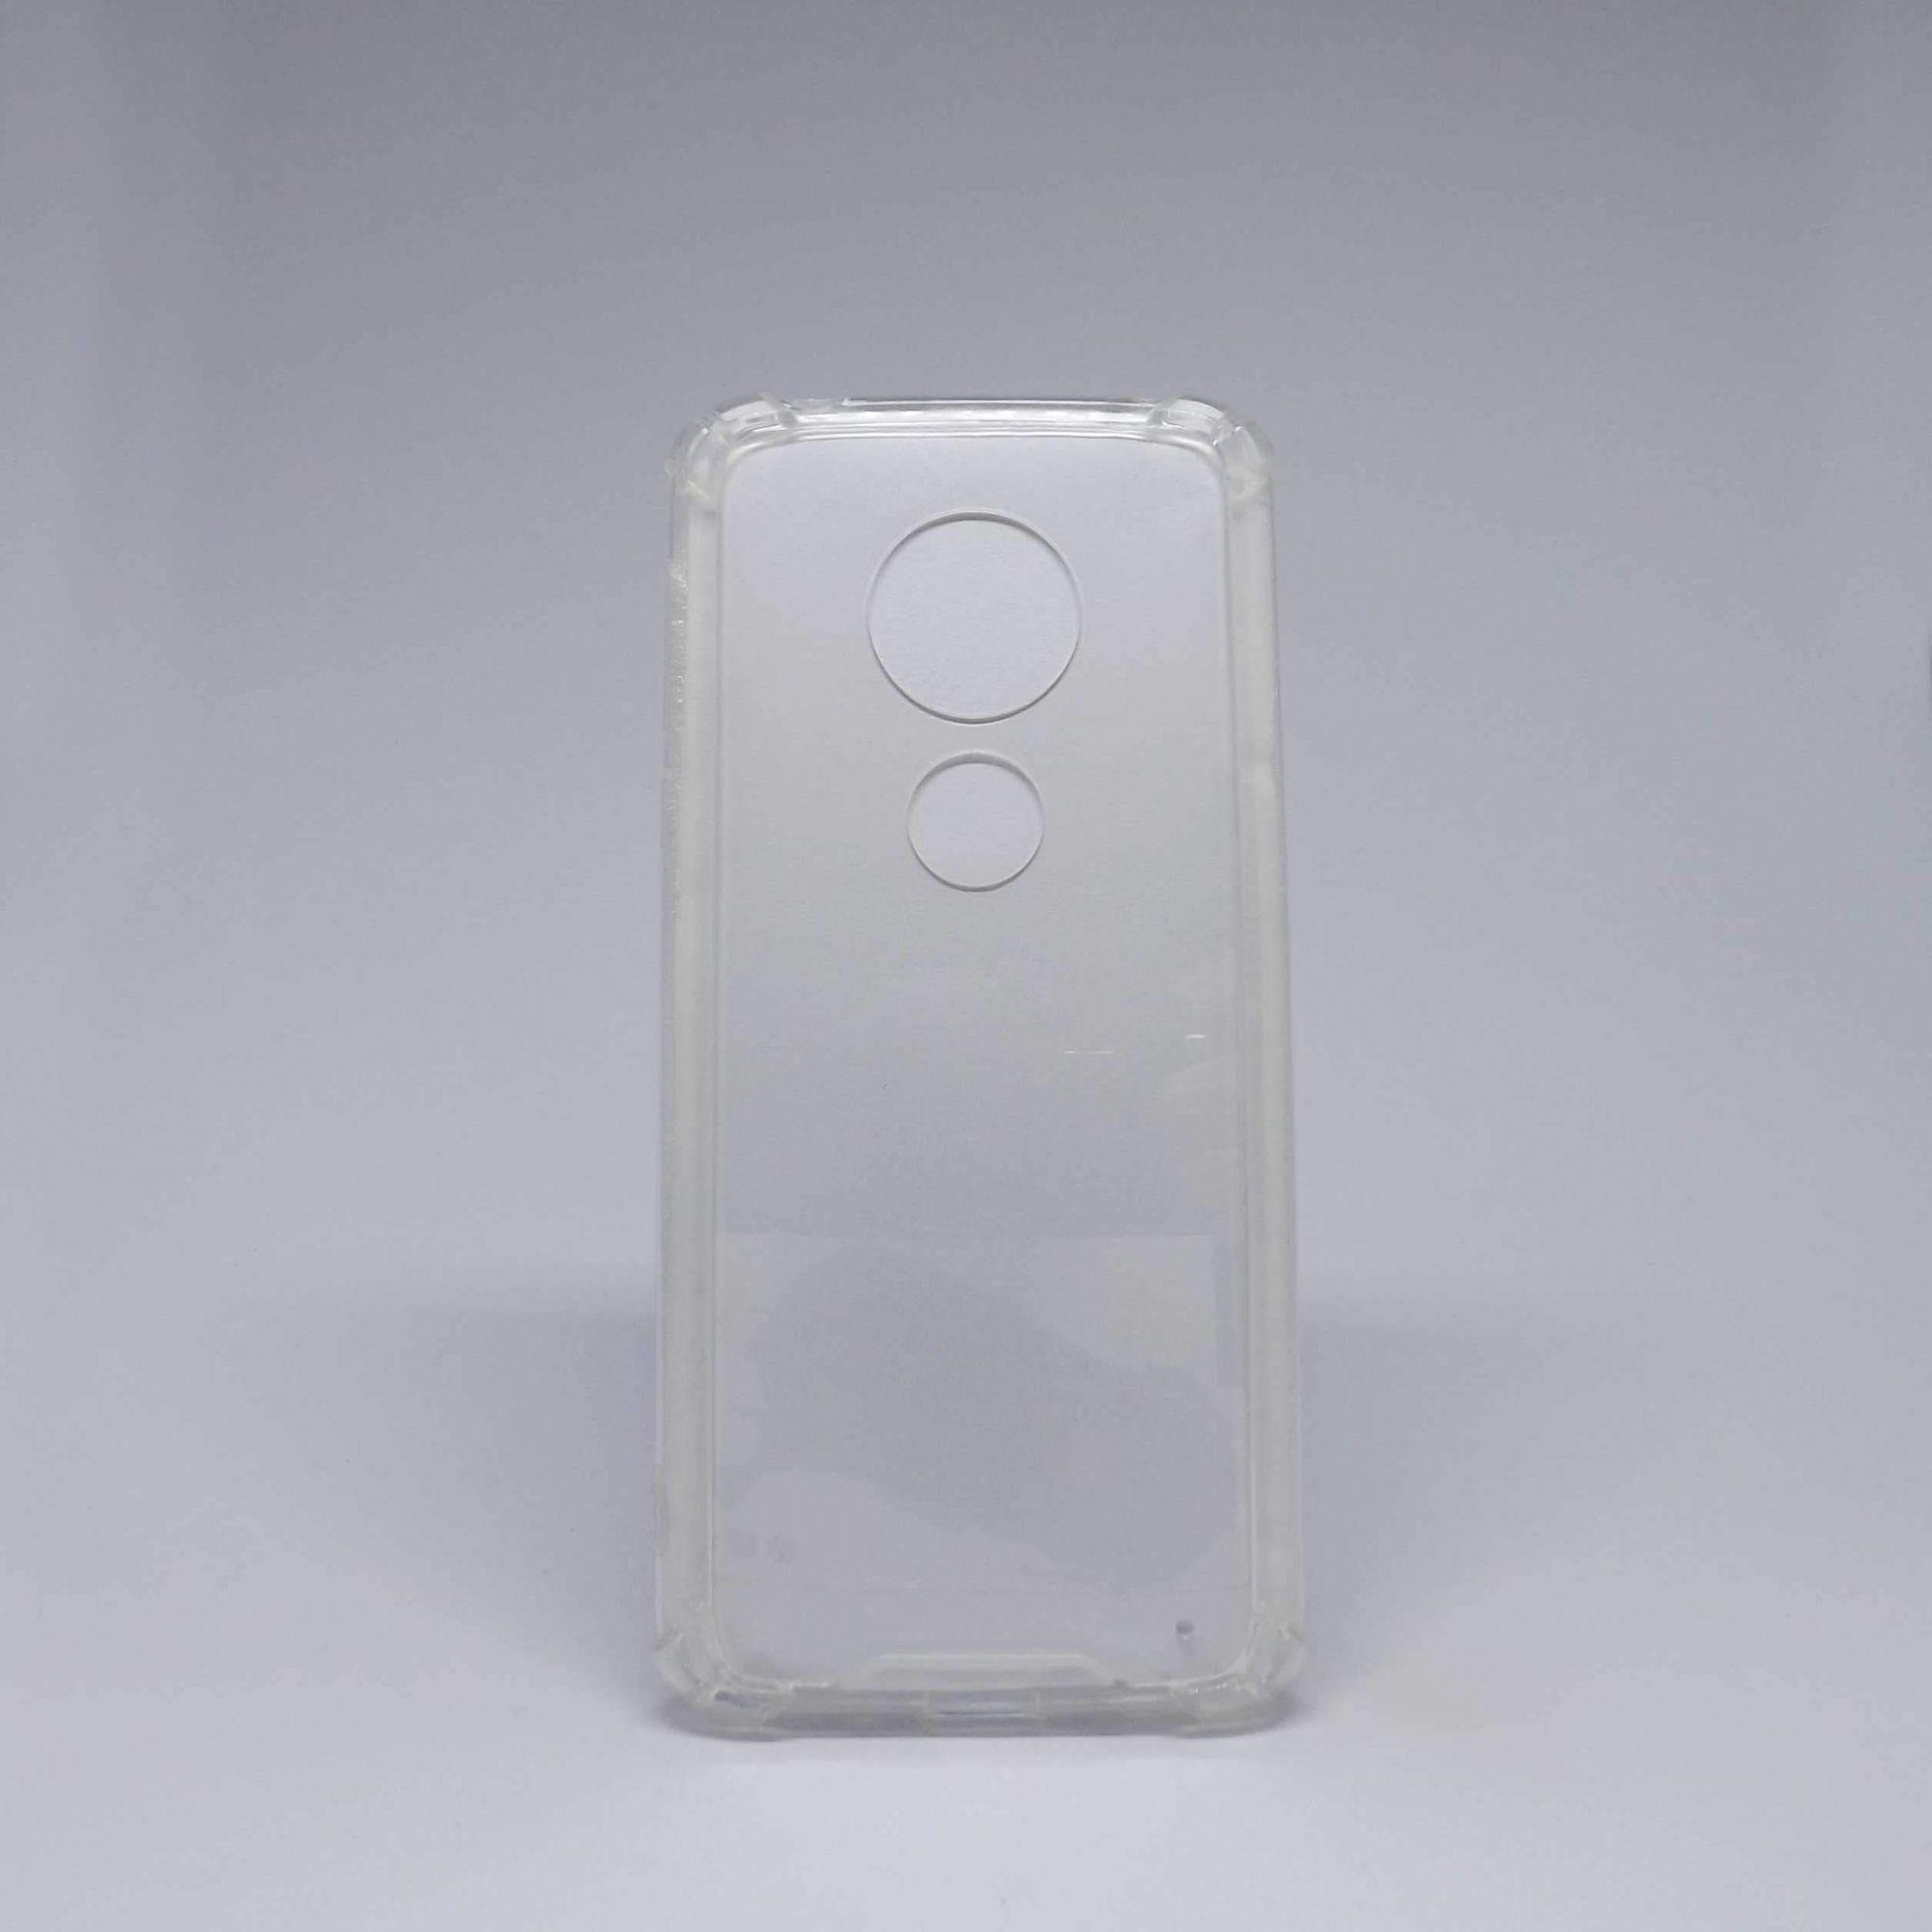 Capa Moto G7 Power Transparente